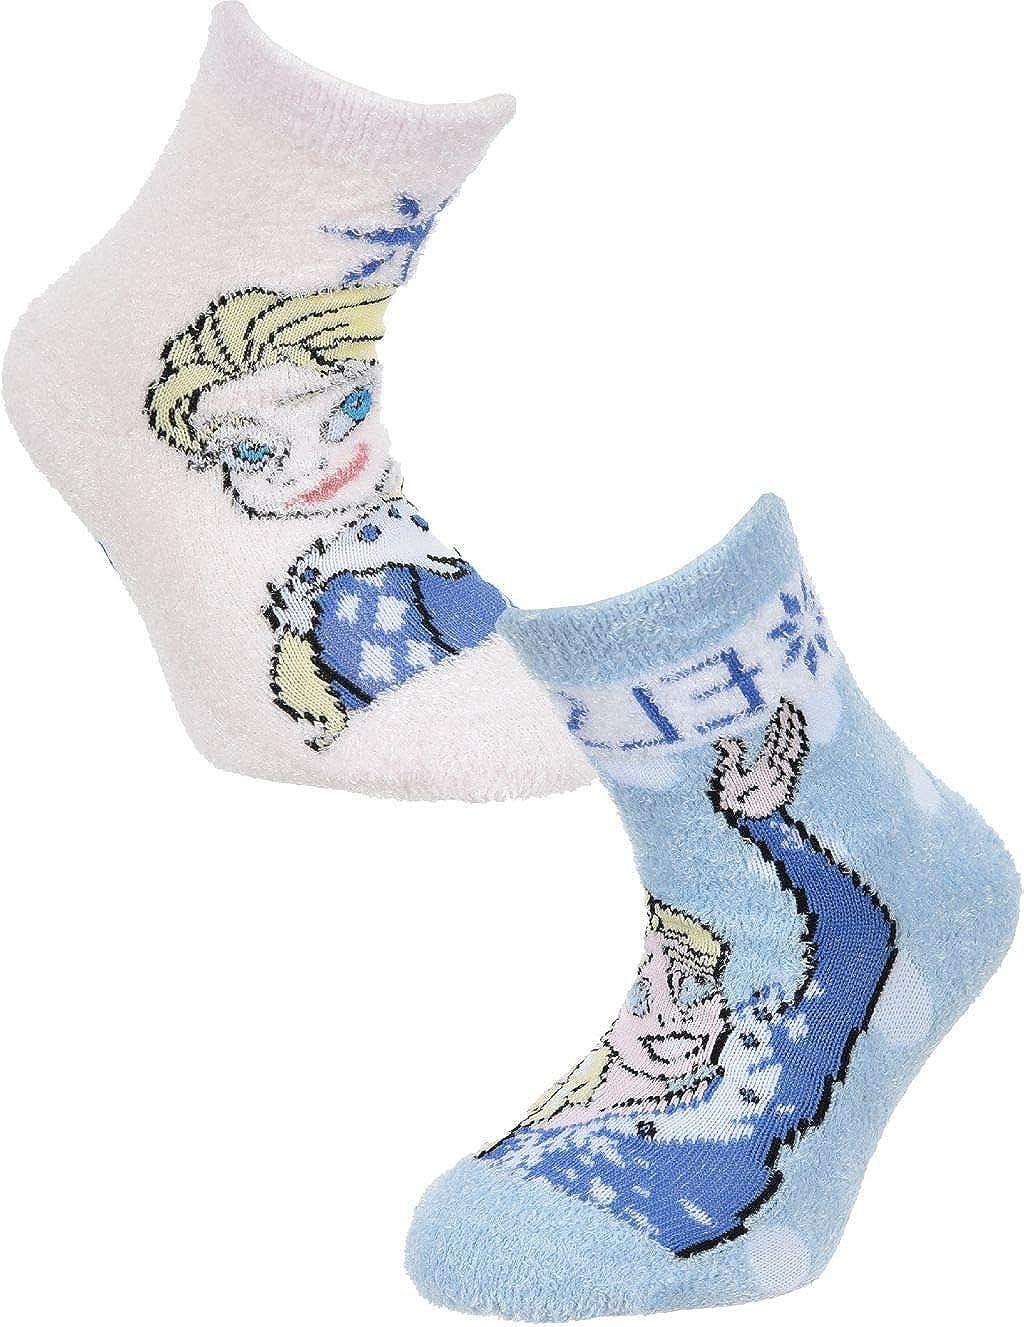 2 Pairs Girls ABS Socks Frozen Childrens Winter Stopper Socks